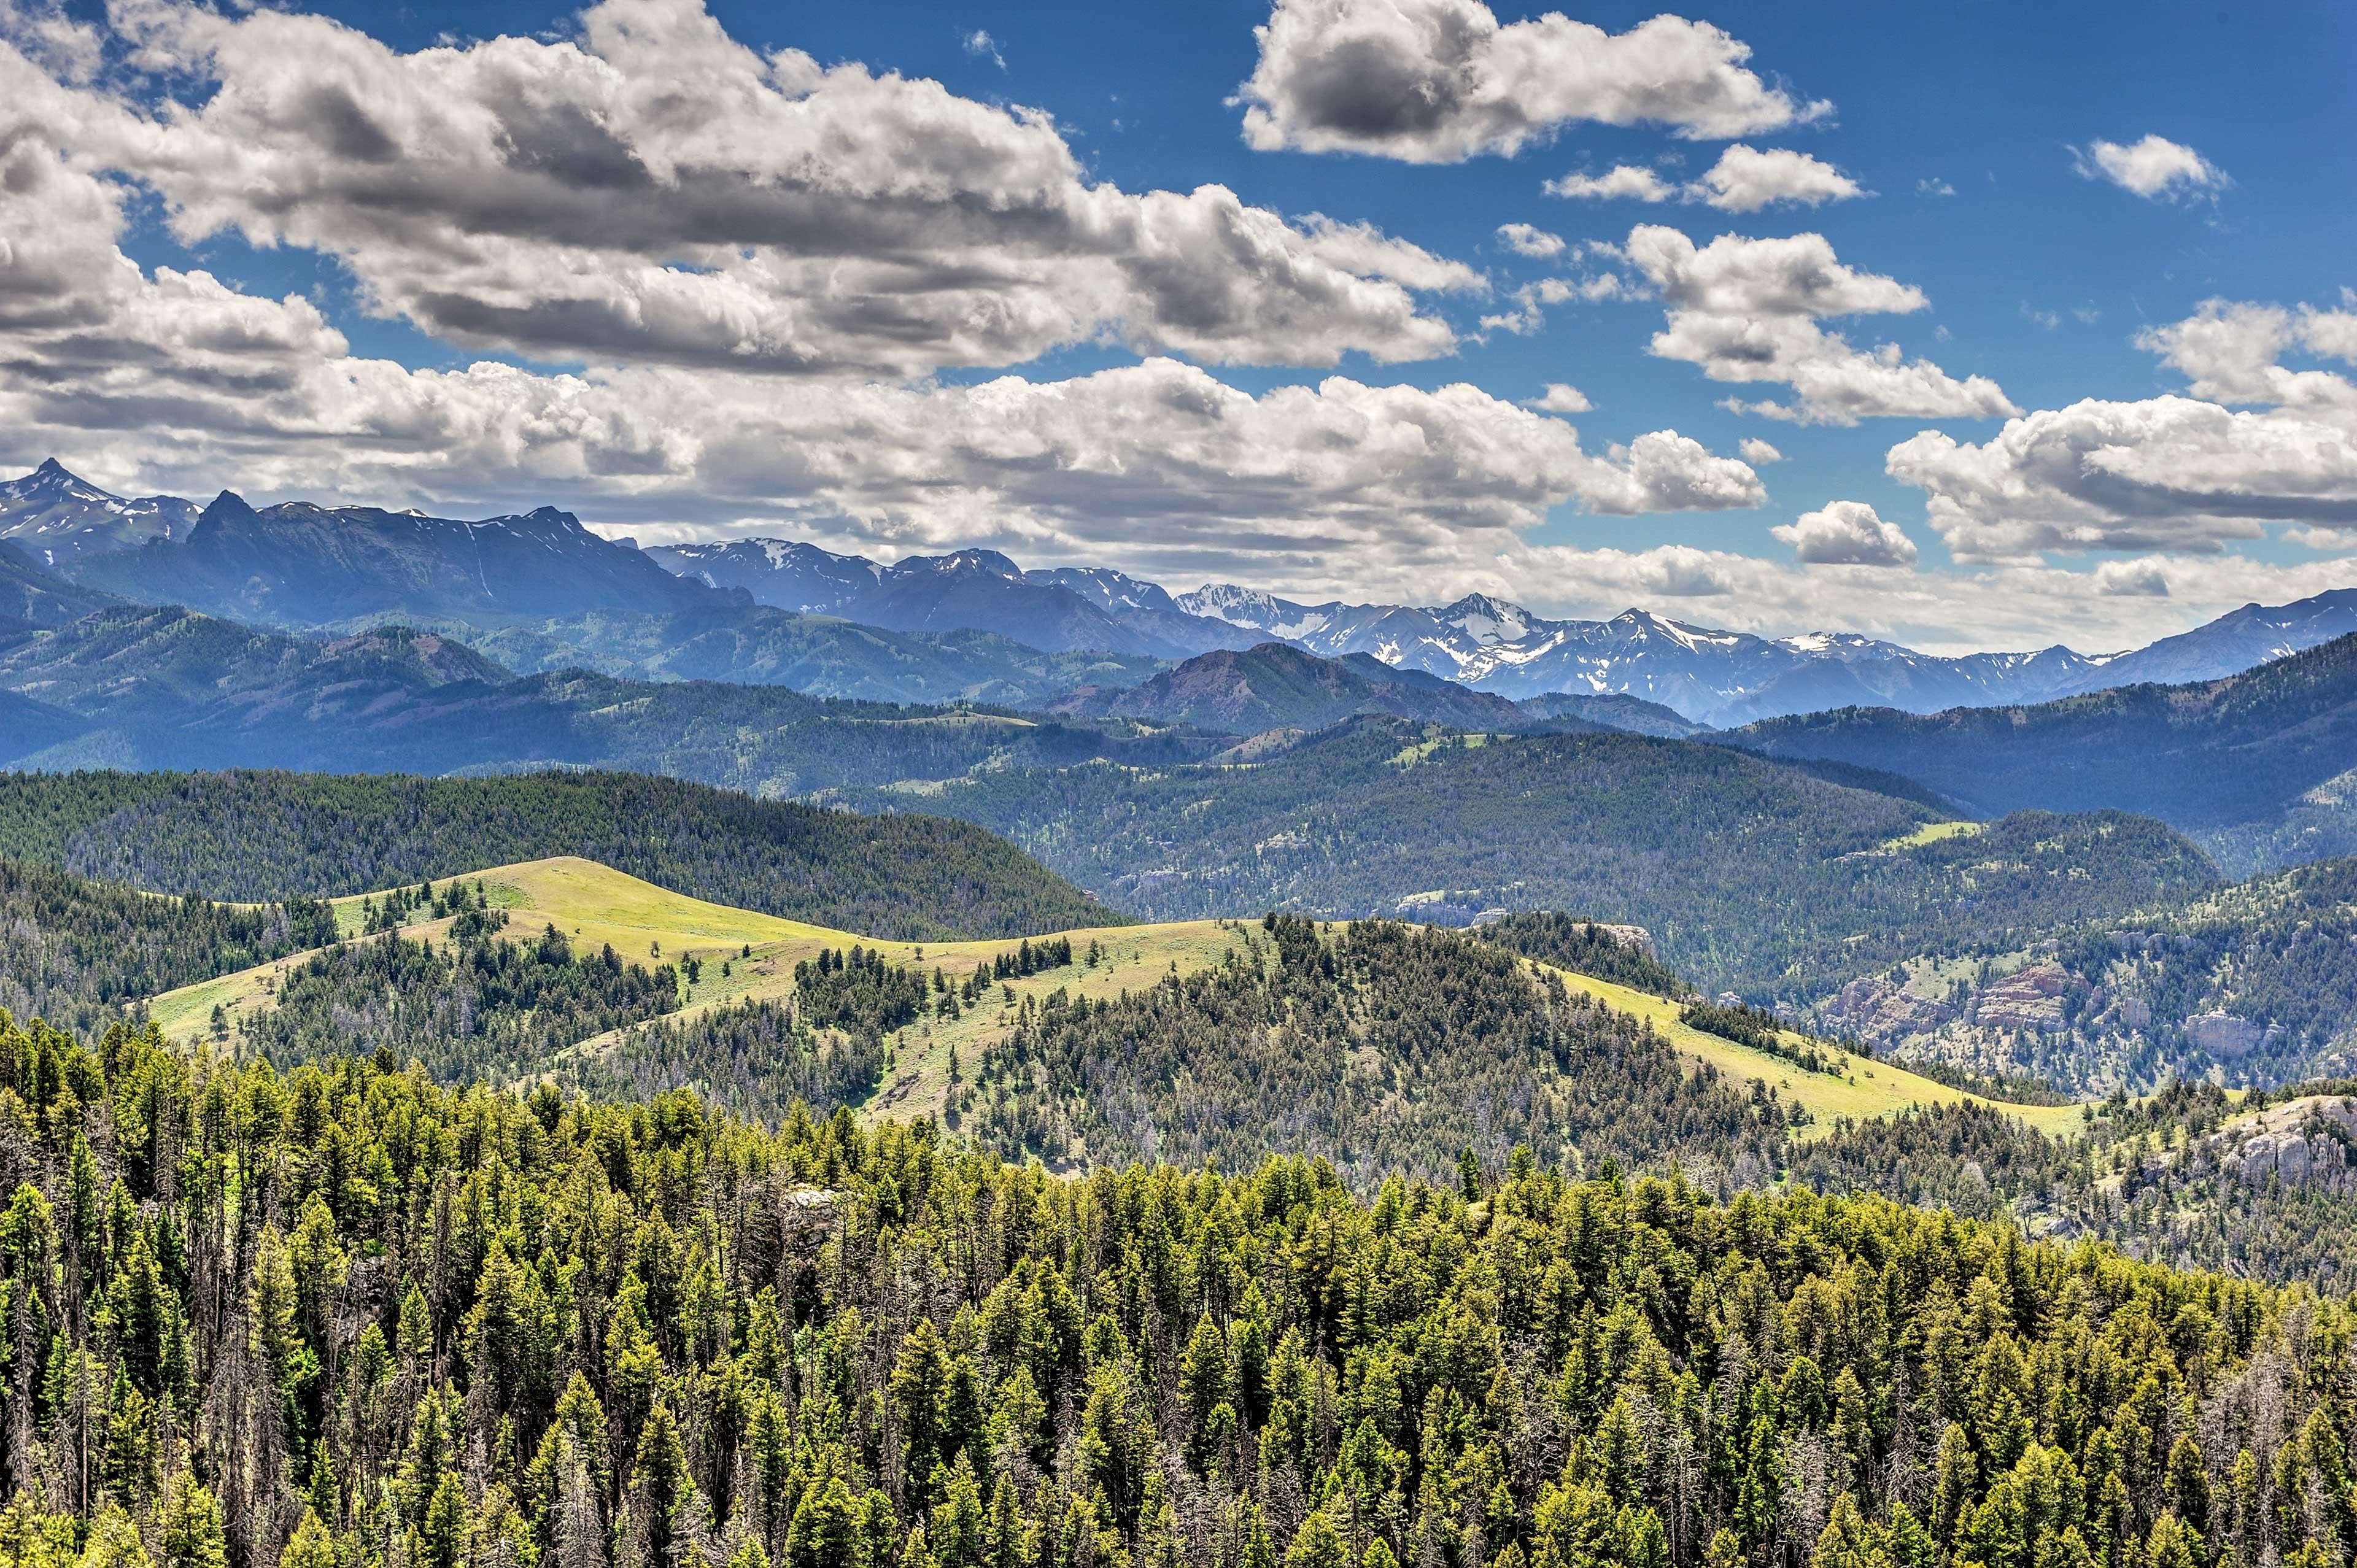 Breathtaking mountain views abound.